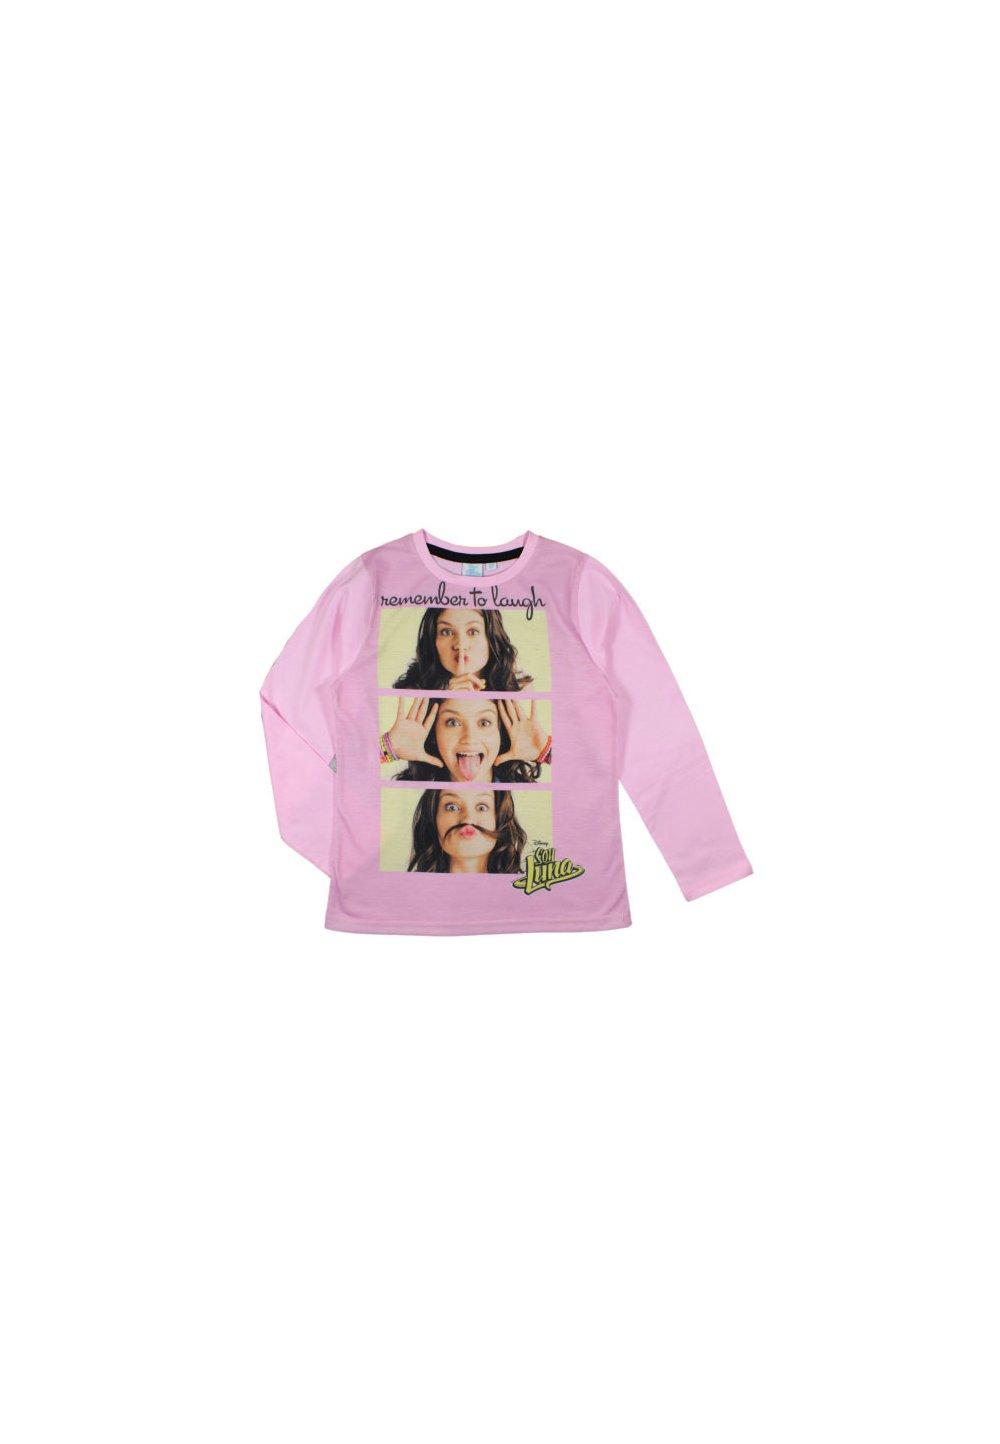 Bluza roz, Remember to laugh imagine